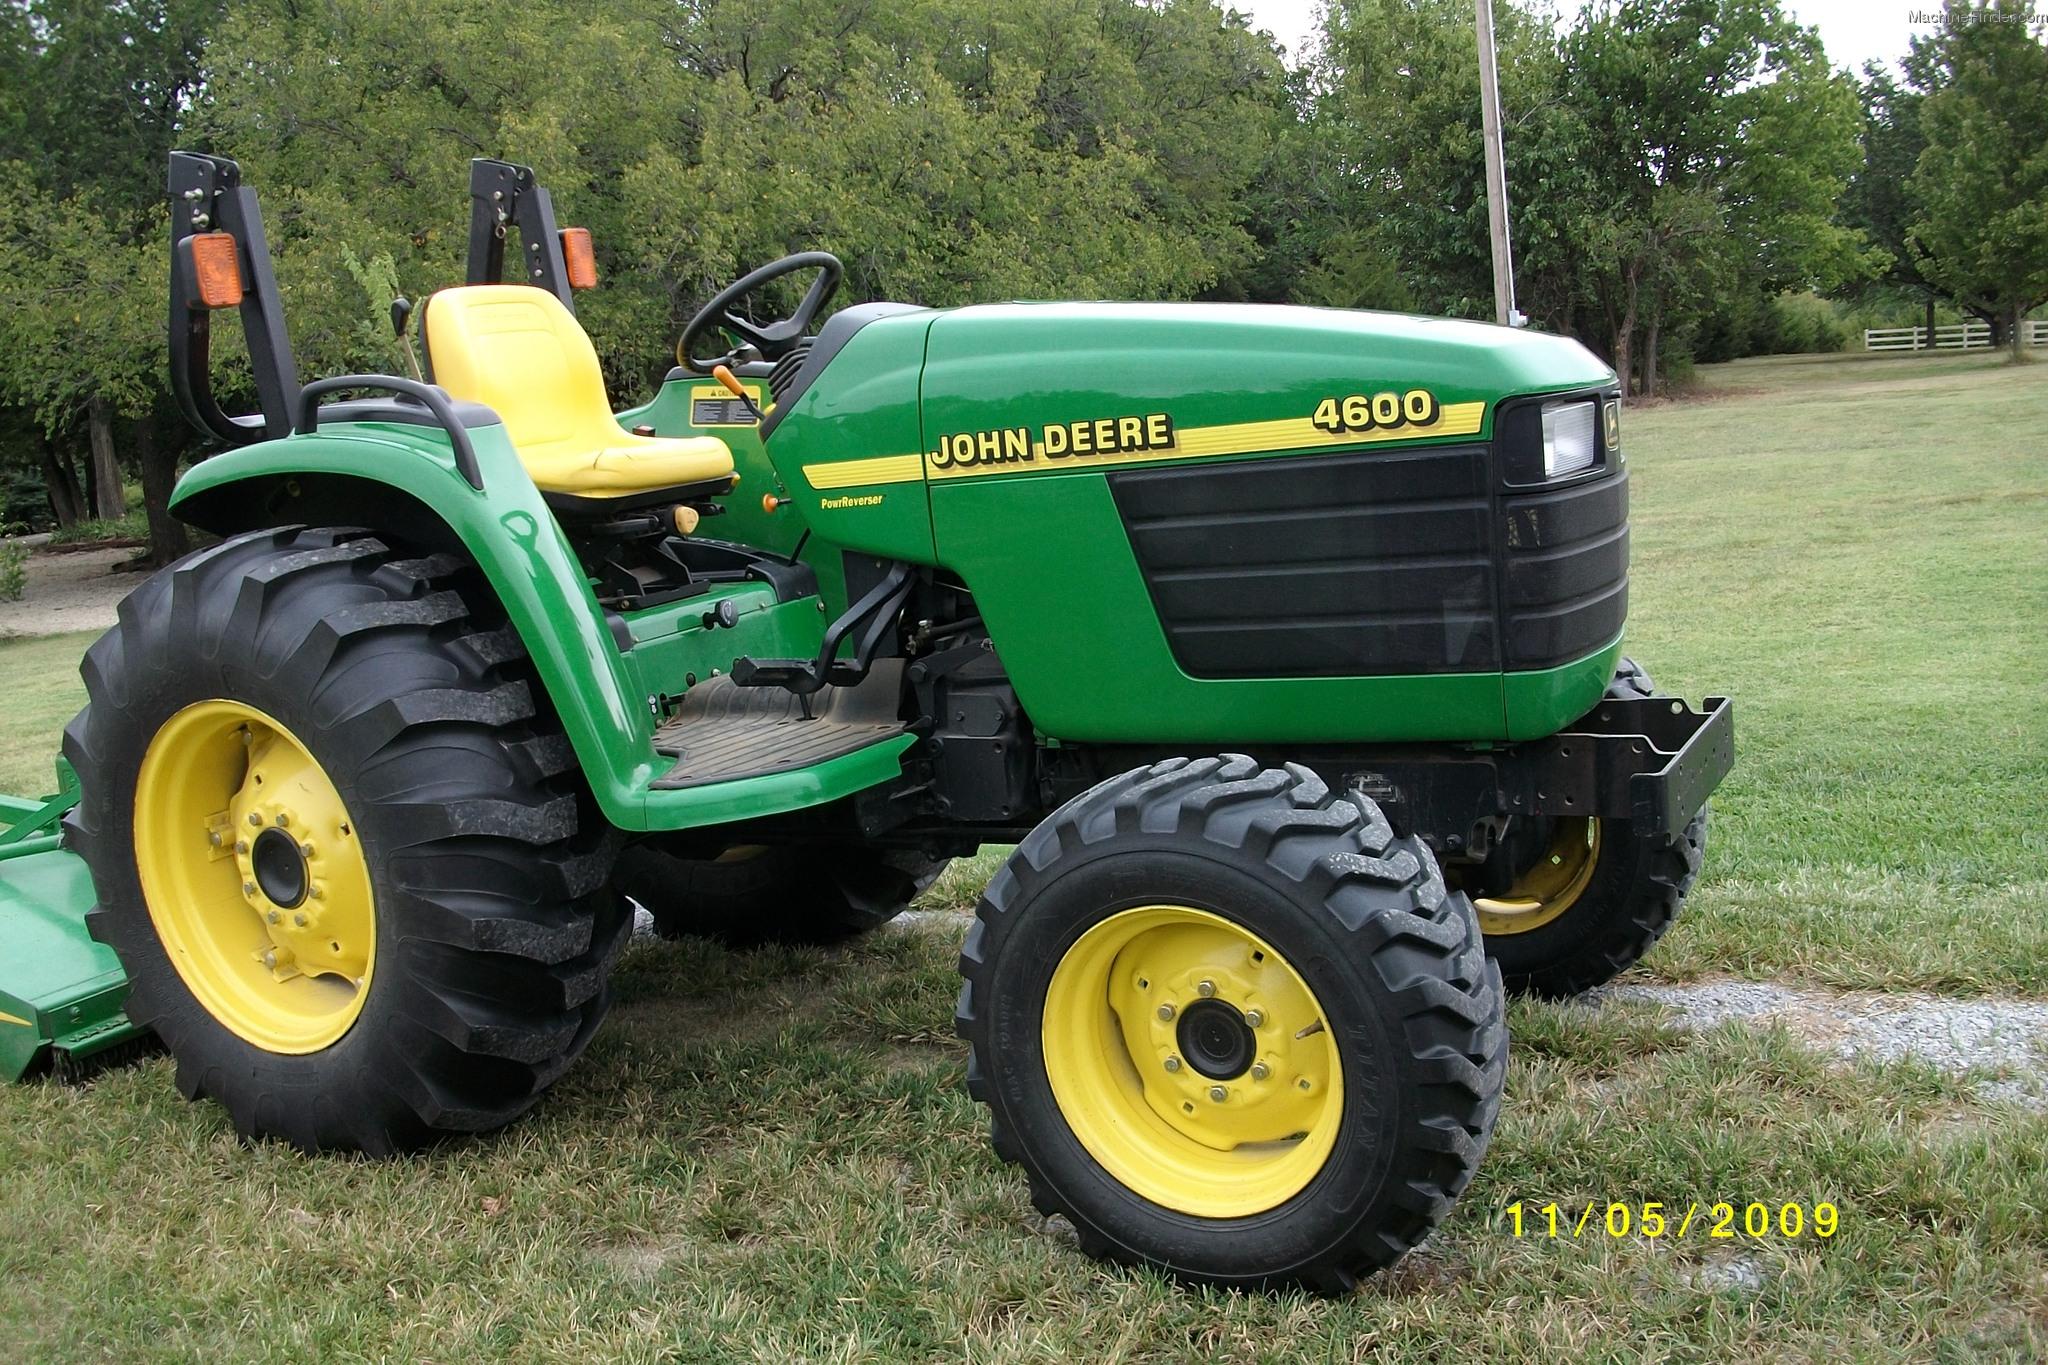 John Deere 4600 Tractor Parts | John Deere Parts: John Deere Parts